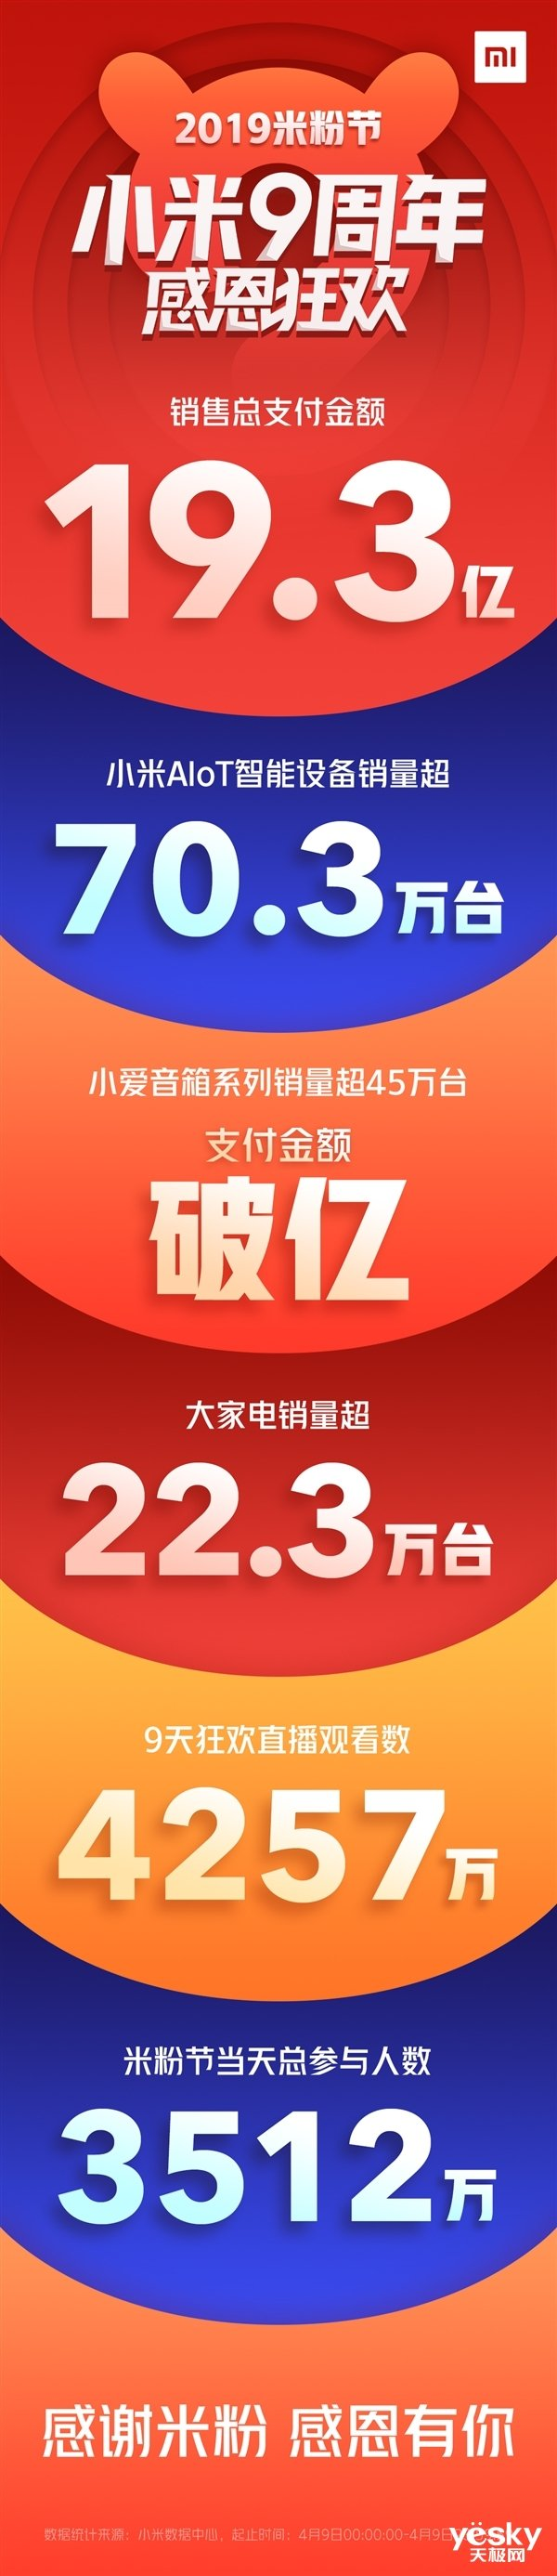 小米9周年米粉节圆满收官:总付出金额19.3亿!手机+AIoT计谋建功_手机行业消息